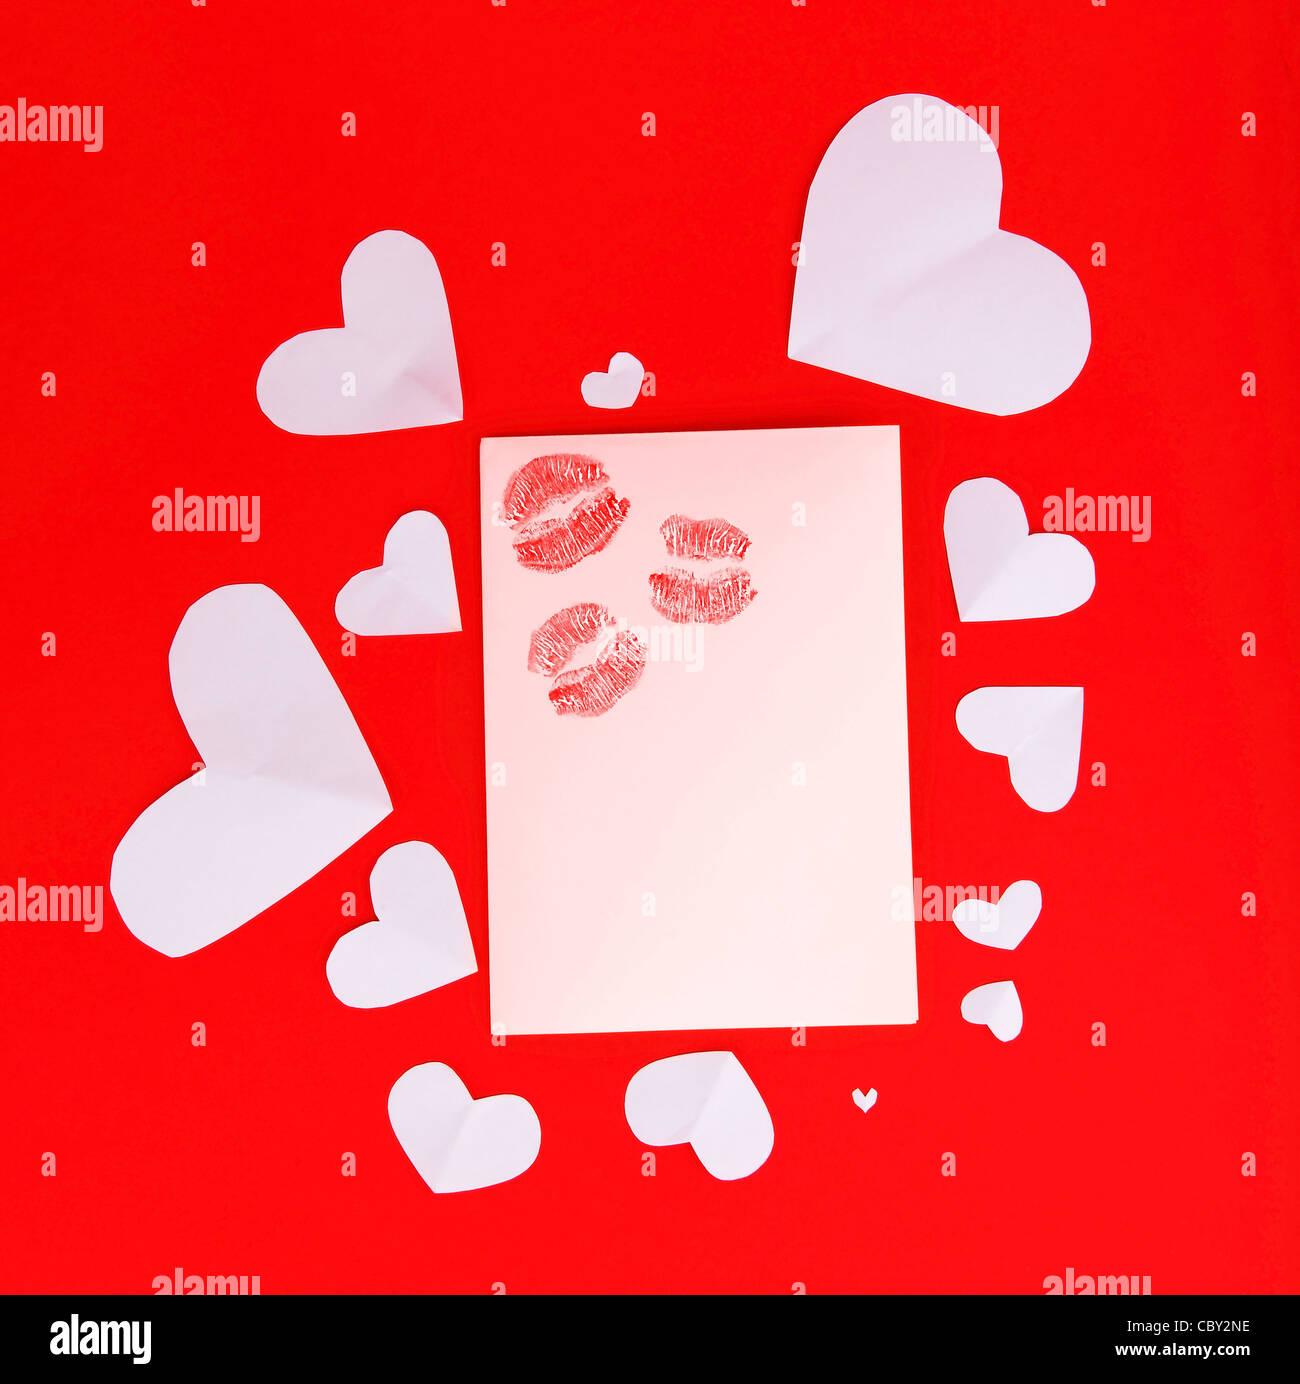 Tarjeta en blanco con rojo besos aislado sobre fondo rojo, imagen conceptual del amor y el día de San Valentín Imagen De Stock